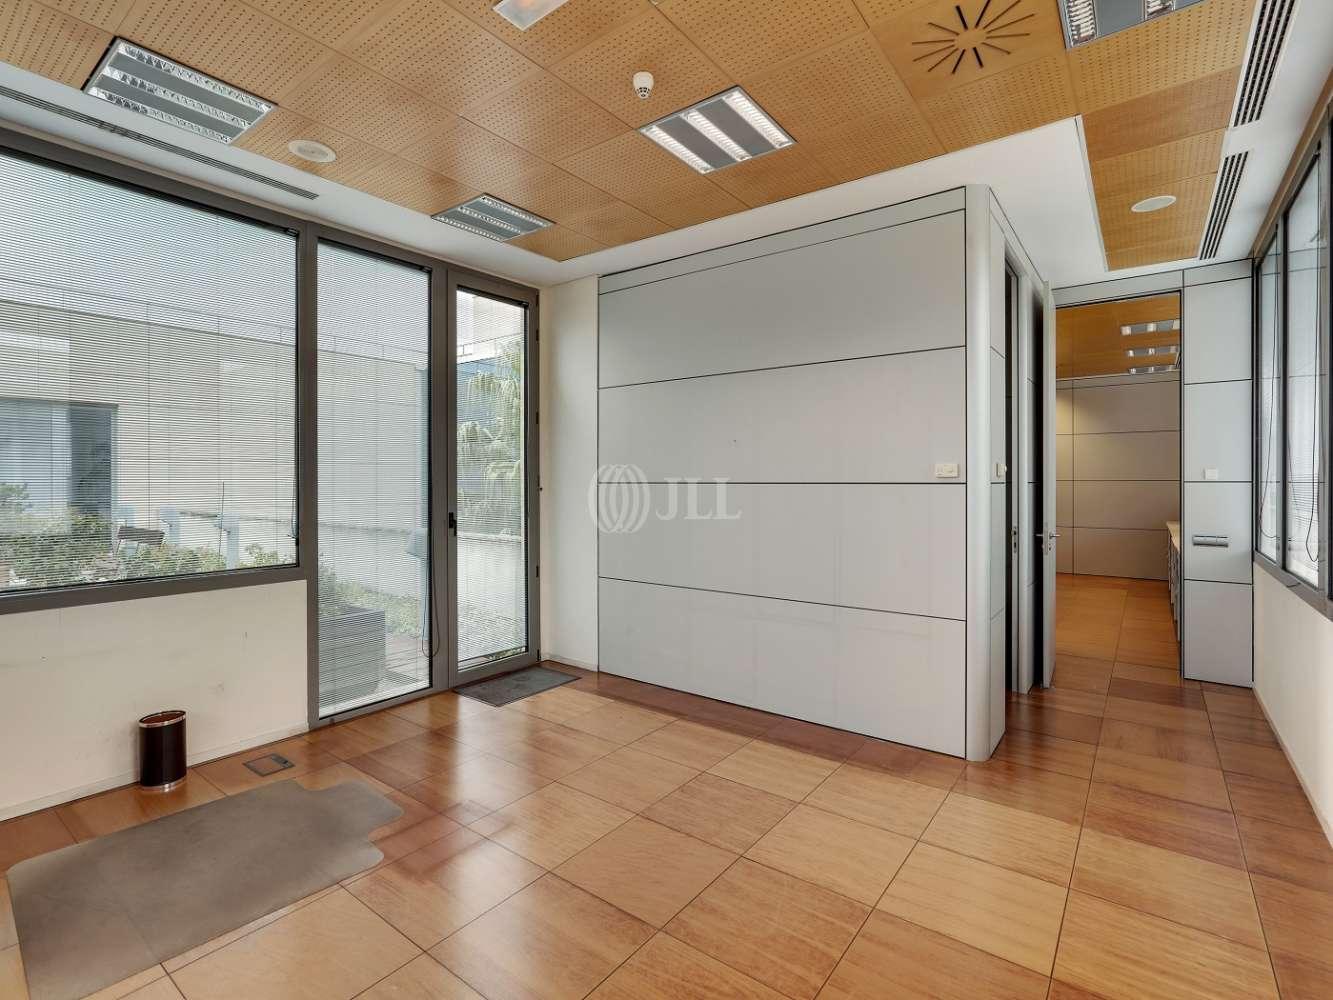 Oficina Las rozas de madrid, 28232 - Edificio 1 - 23184